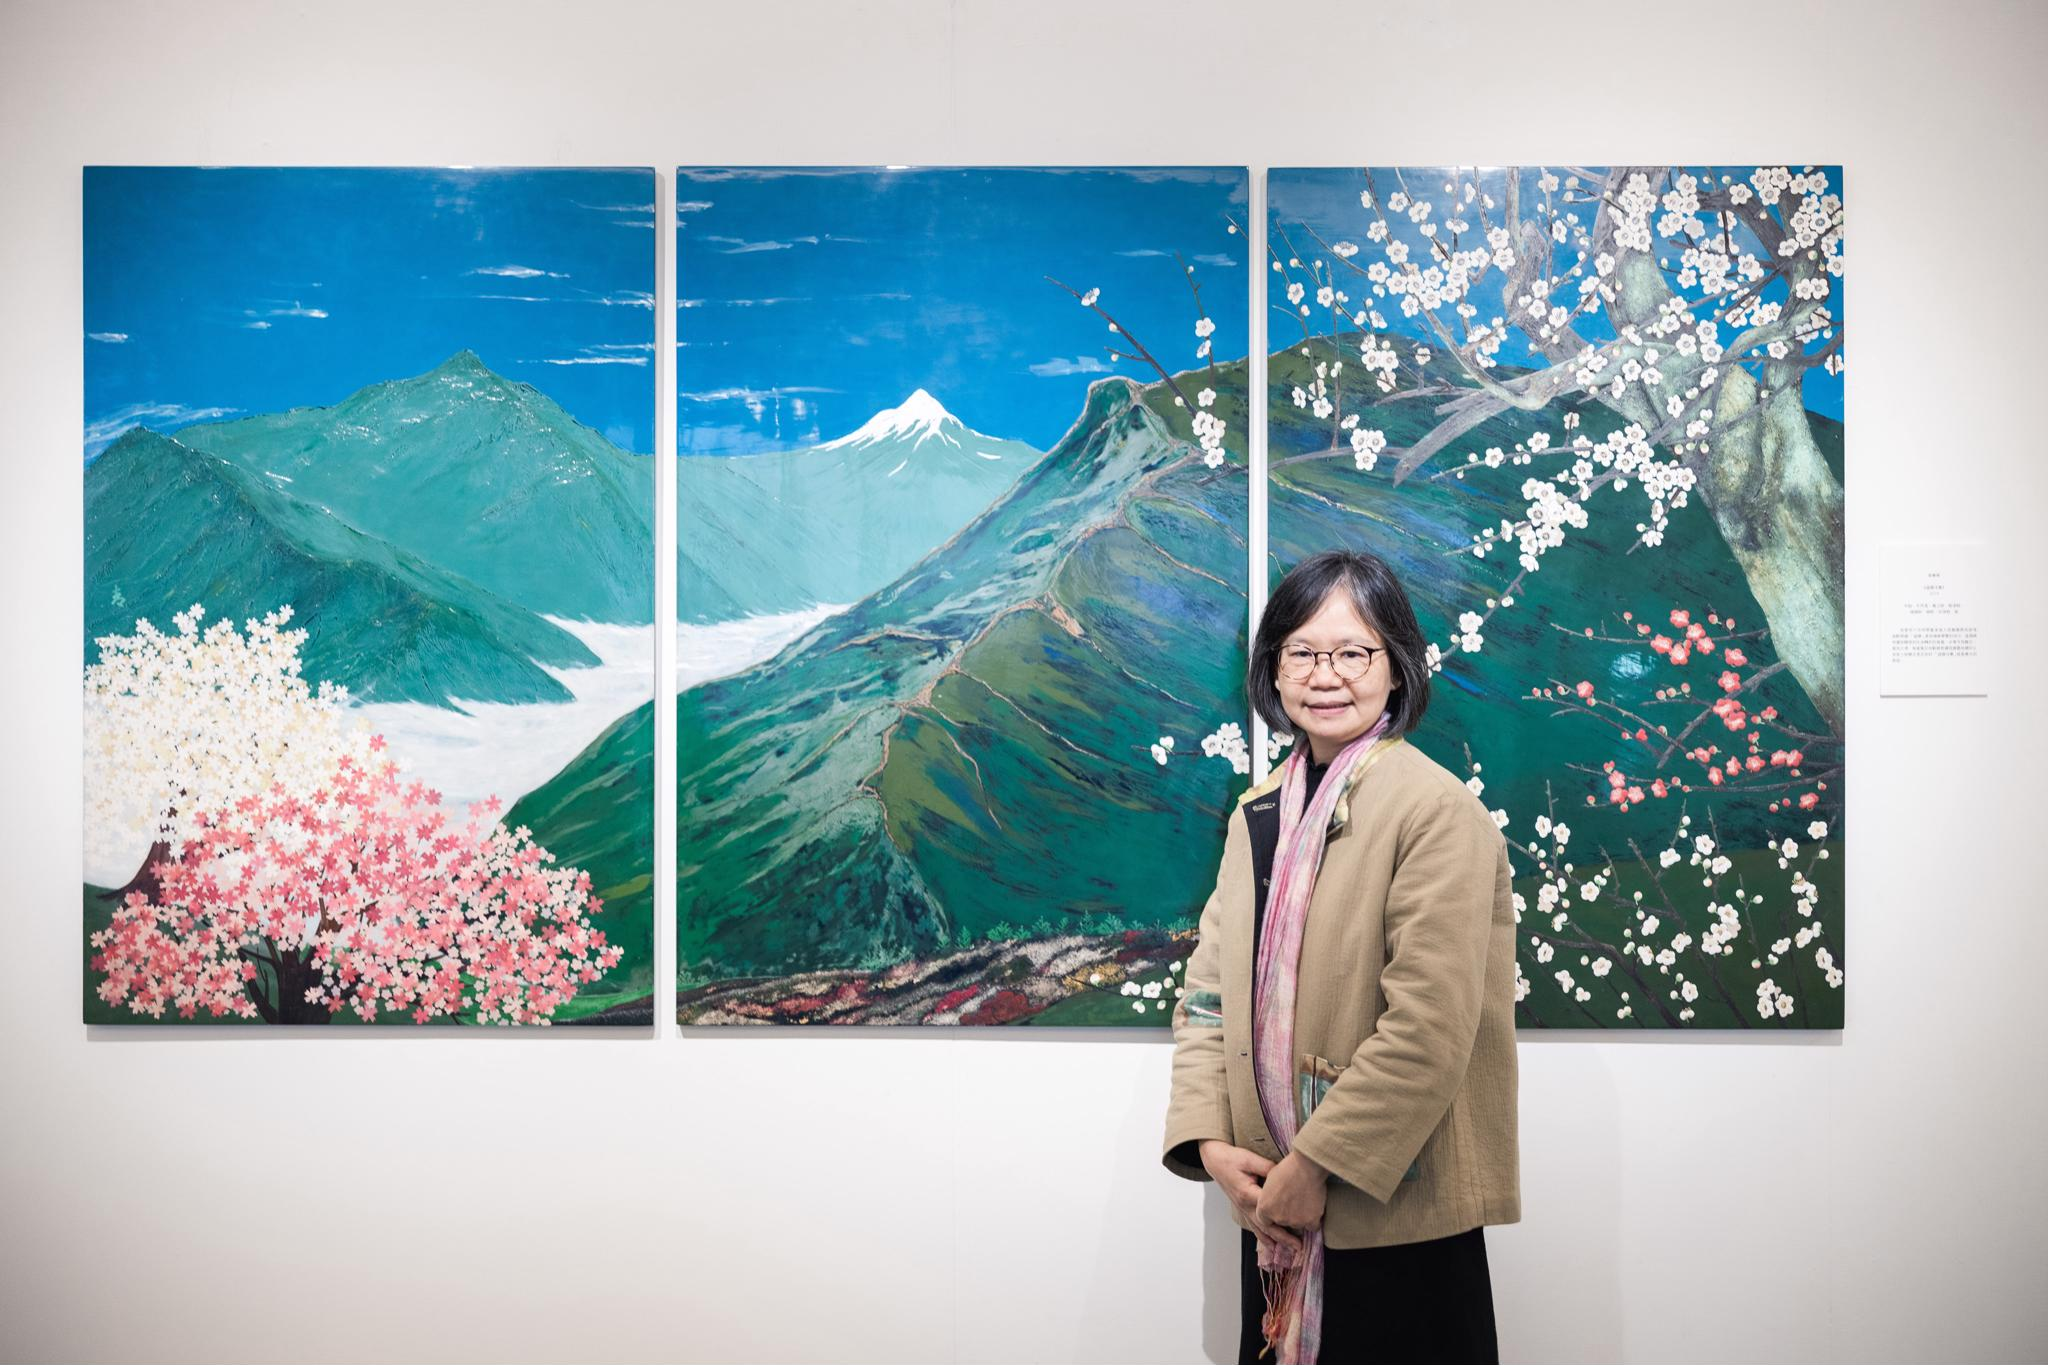 在中原大學看見漆藝之美!藝術家張賽青以漆創作記錄生活